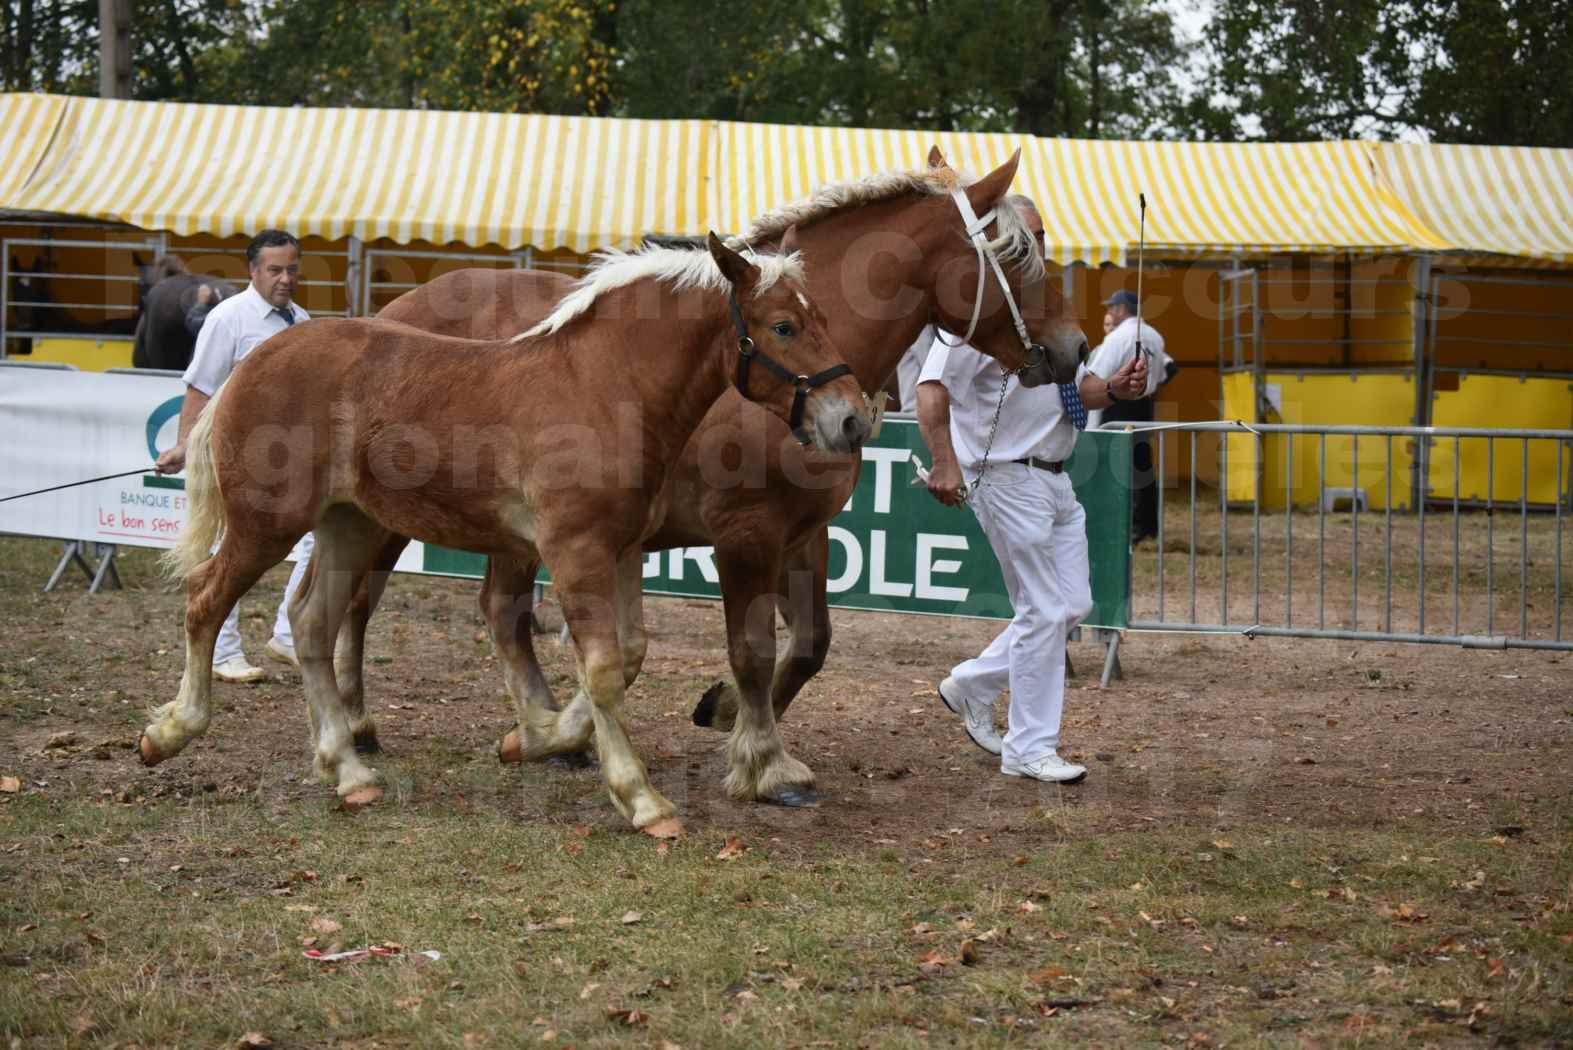 Concours Régional de chevaux de traits en 2017 - Jument & Poulain COMTOIS - BAILLA DU CLOS - 08